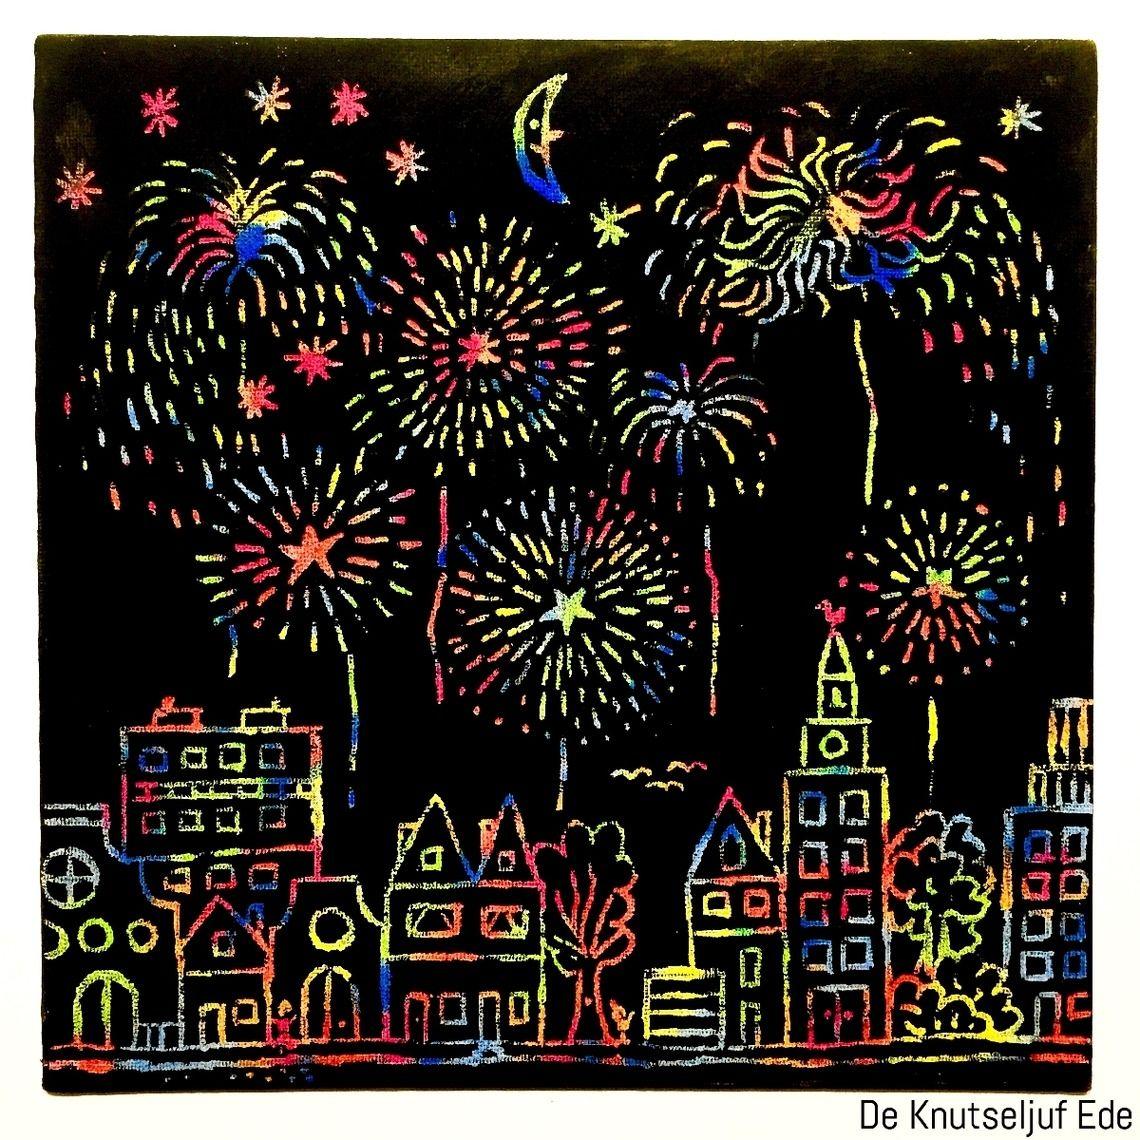 Oud En Nieuw Vuurwerk Met Waskrijtjes Gelukkig Nieuwjaar Vuurwerk Knutselen Waskrijtjes Zwarte Verf Vuurwerk Knutselen Vuurwerk Nieuwjaarsknutsels